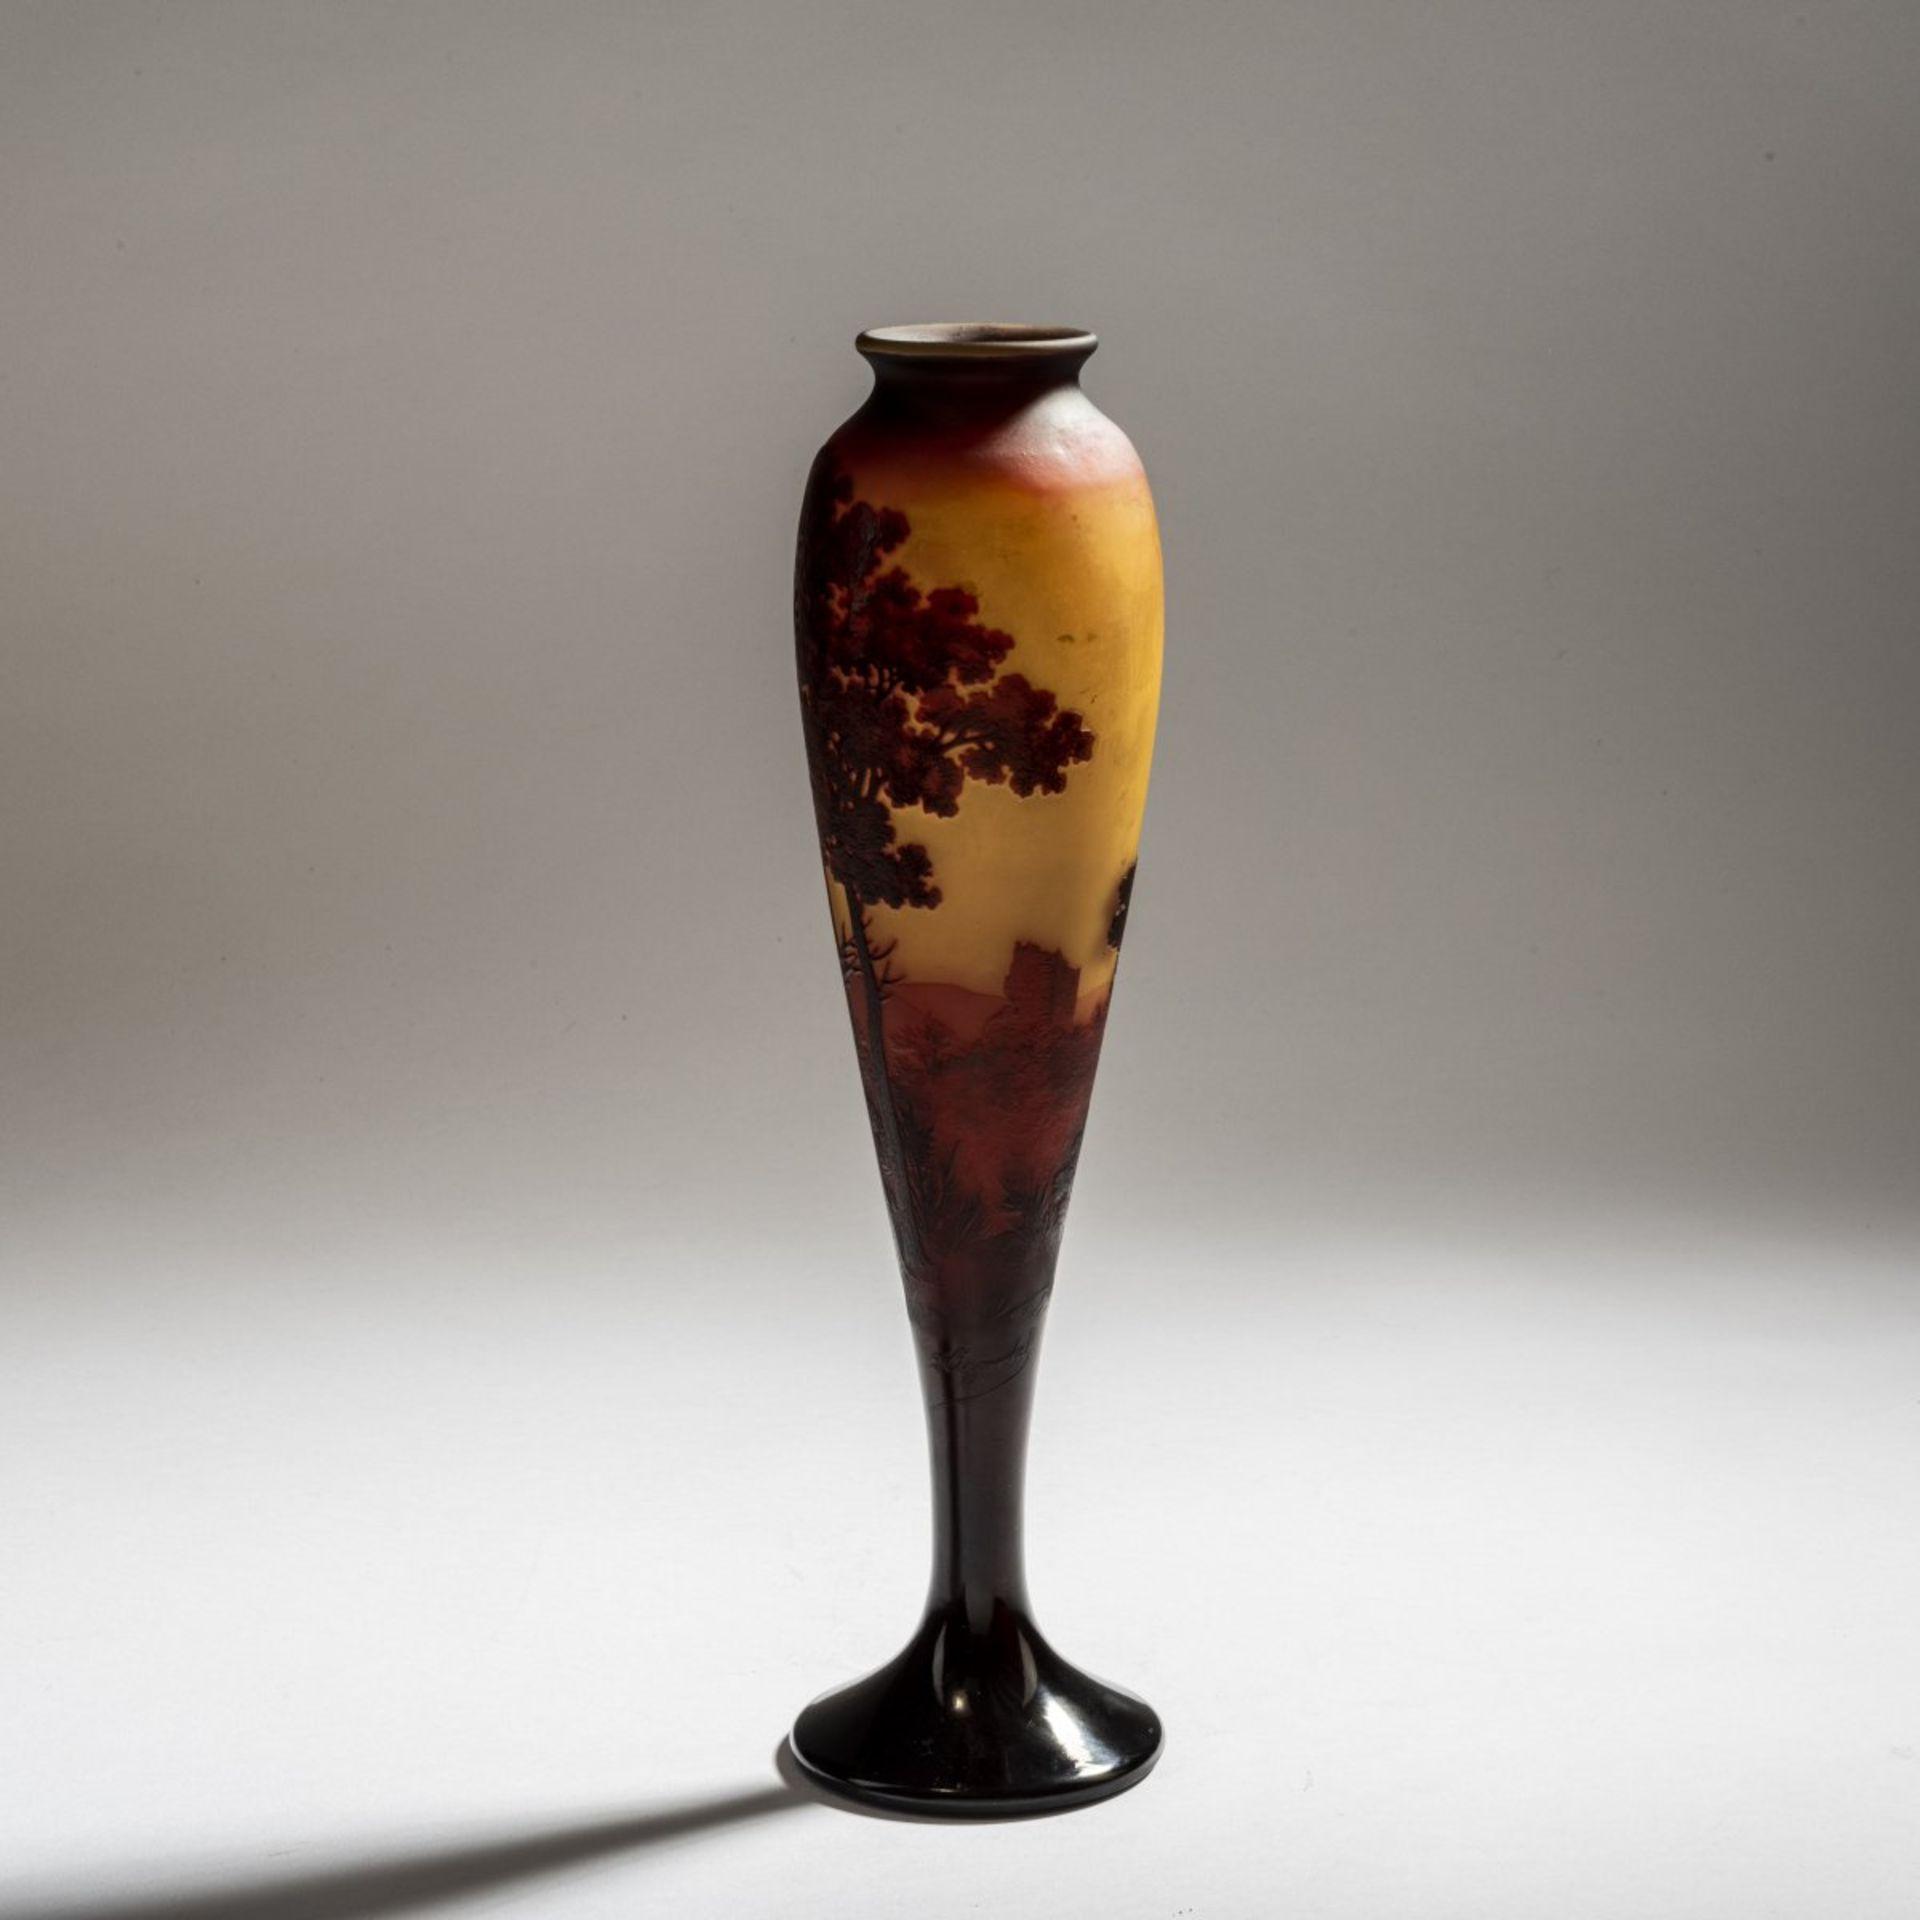 Paul Nicolas, Nancy, 'Paysage' vase, 1919-25